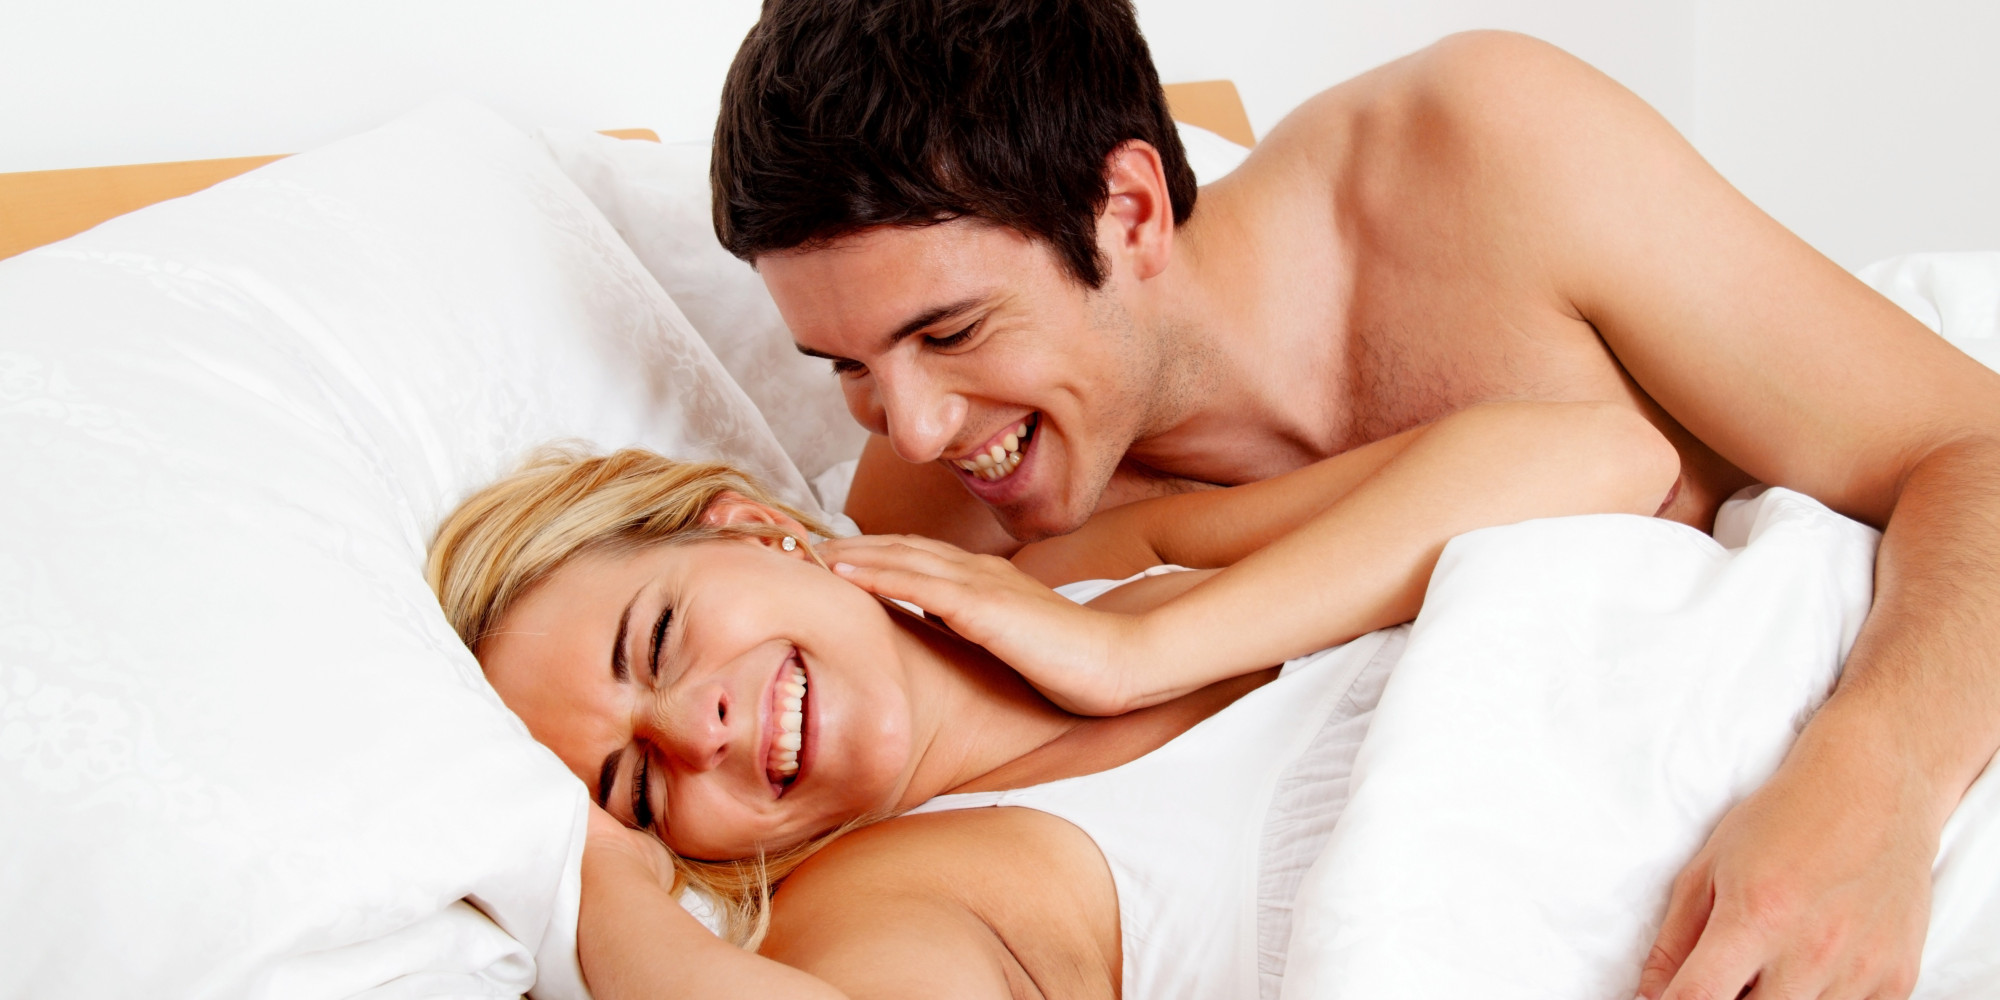 Скрещивание людей во время секса, Скрещивание людей во время секса 3 фотография